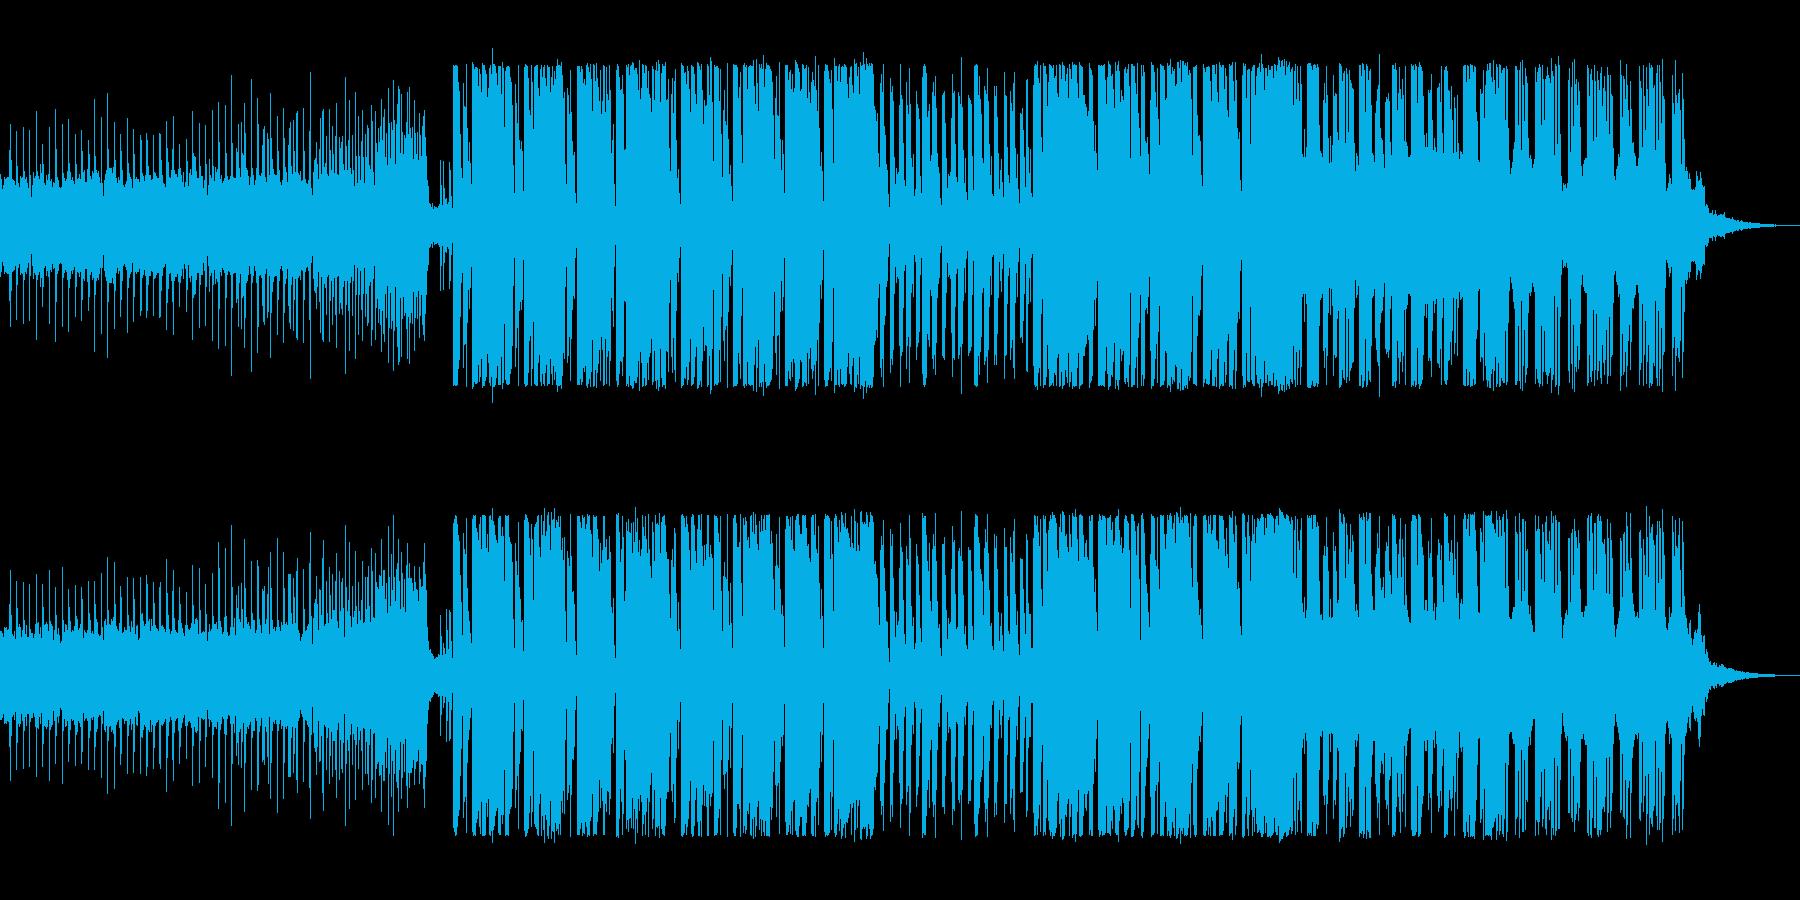 可愛い高音のテクノポップの曲の再生済みの波形